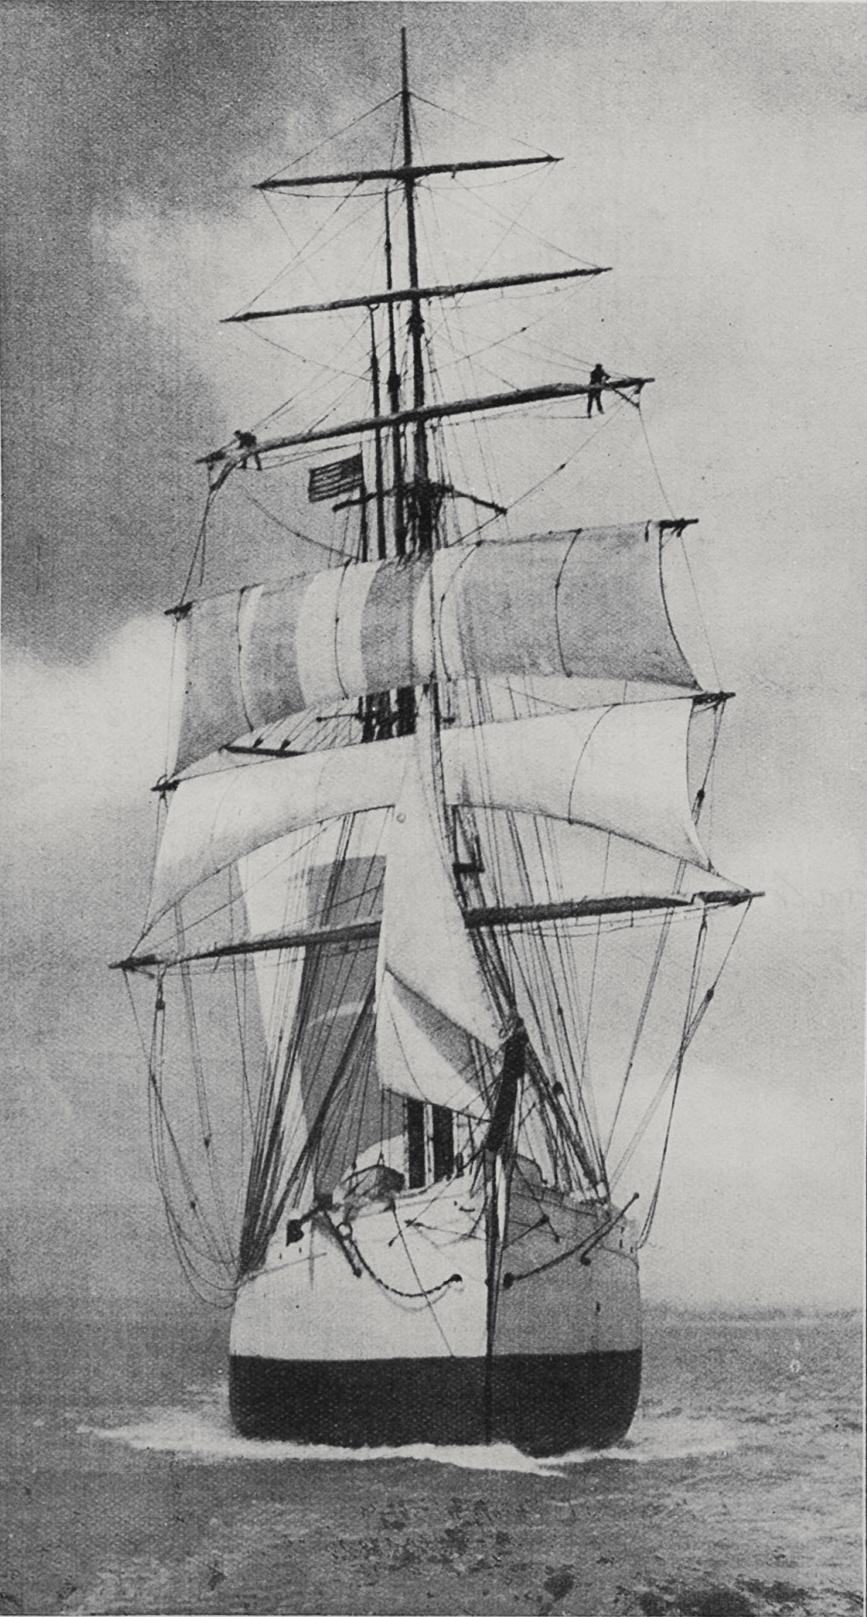 Amaranth (barquentine)